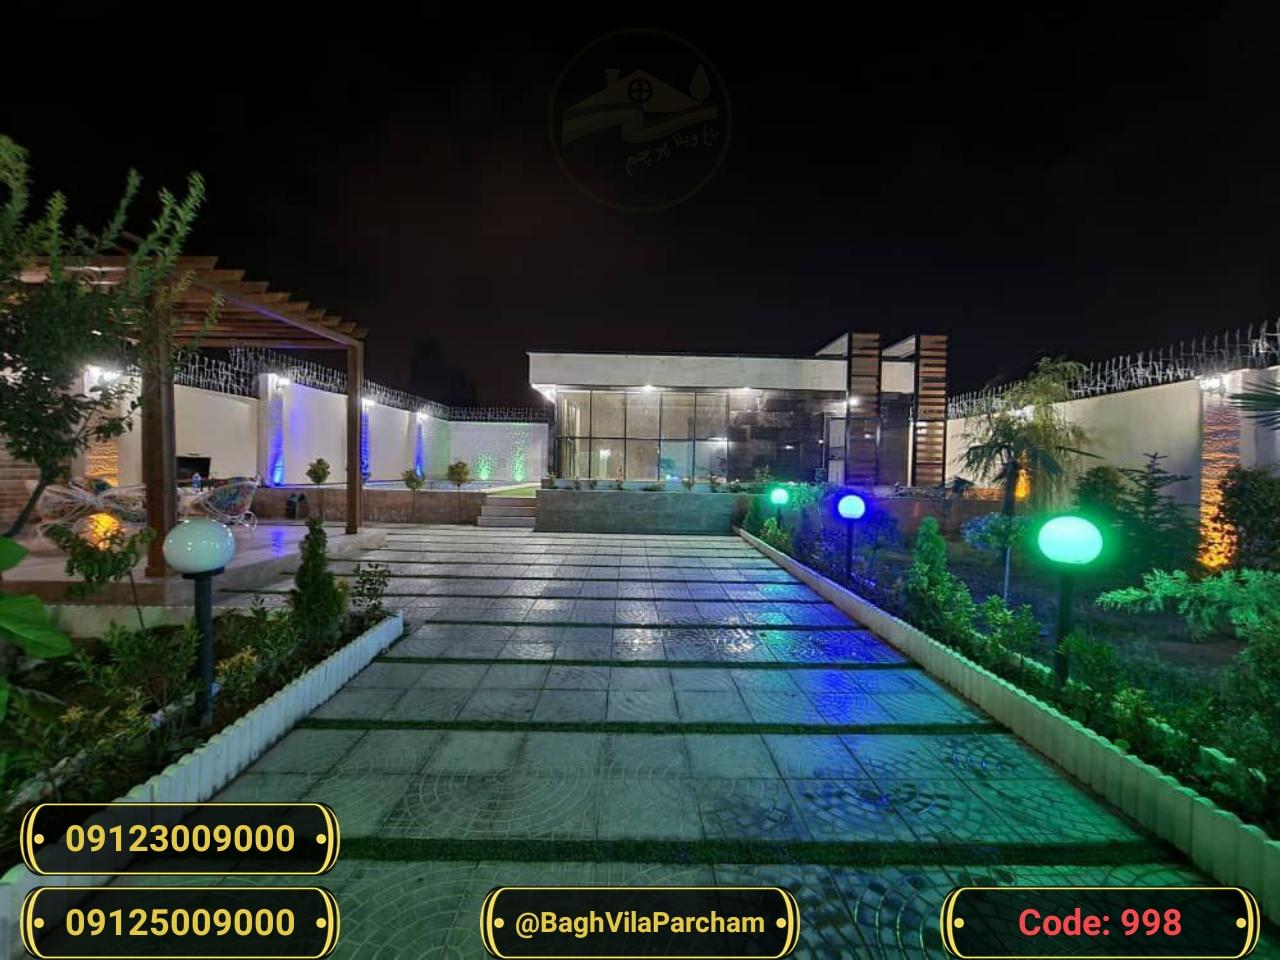 تصویر عکس باغ ویلا شماره 14 از ویلای ۵۰۰ متر ویلا مدرن و زیبا Picture photo image 14 of ۵۰۰ متر ویلا مدرن و زیبا